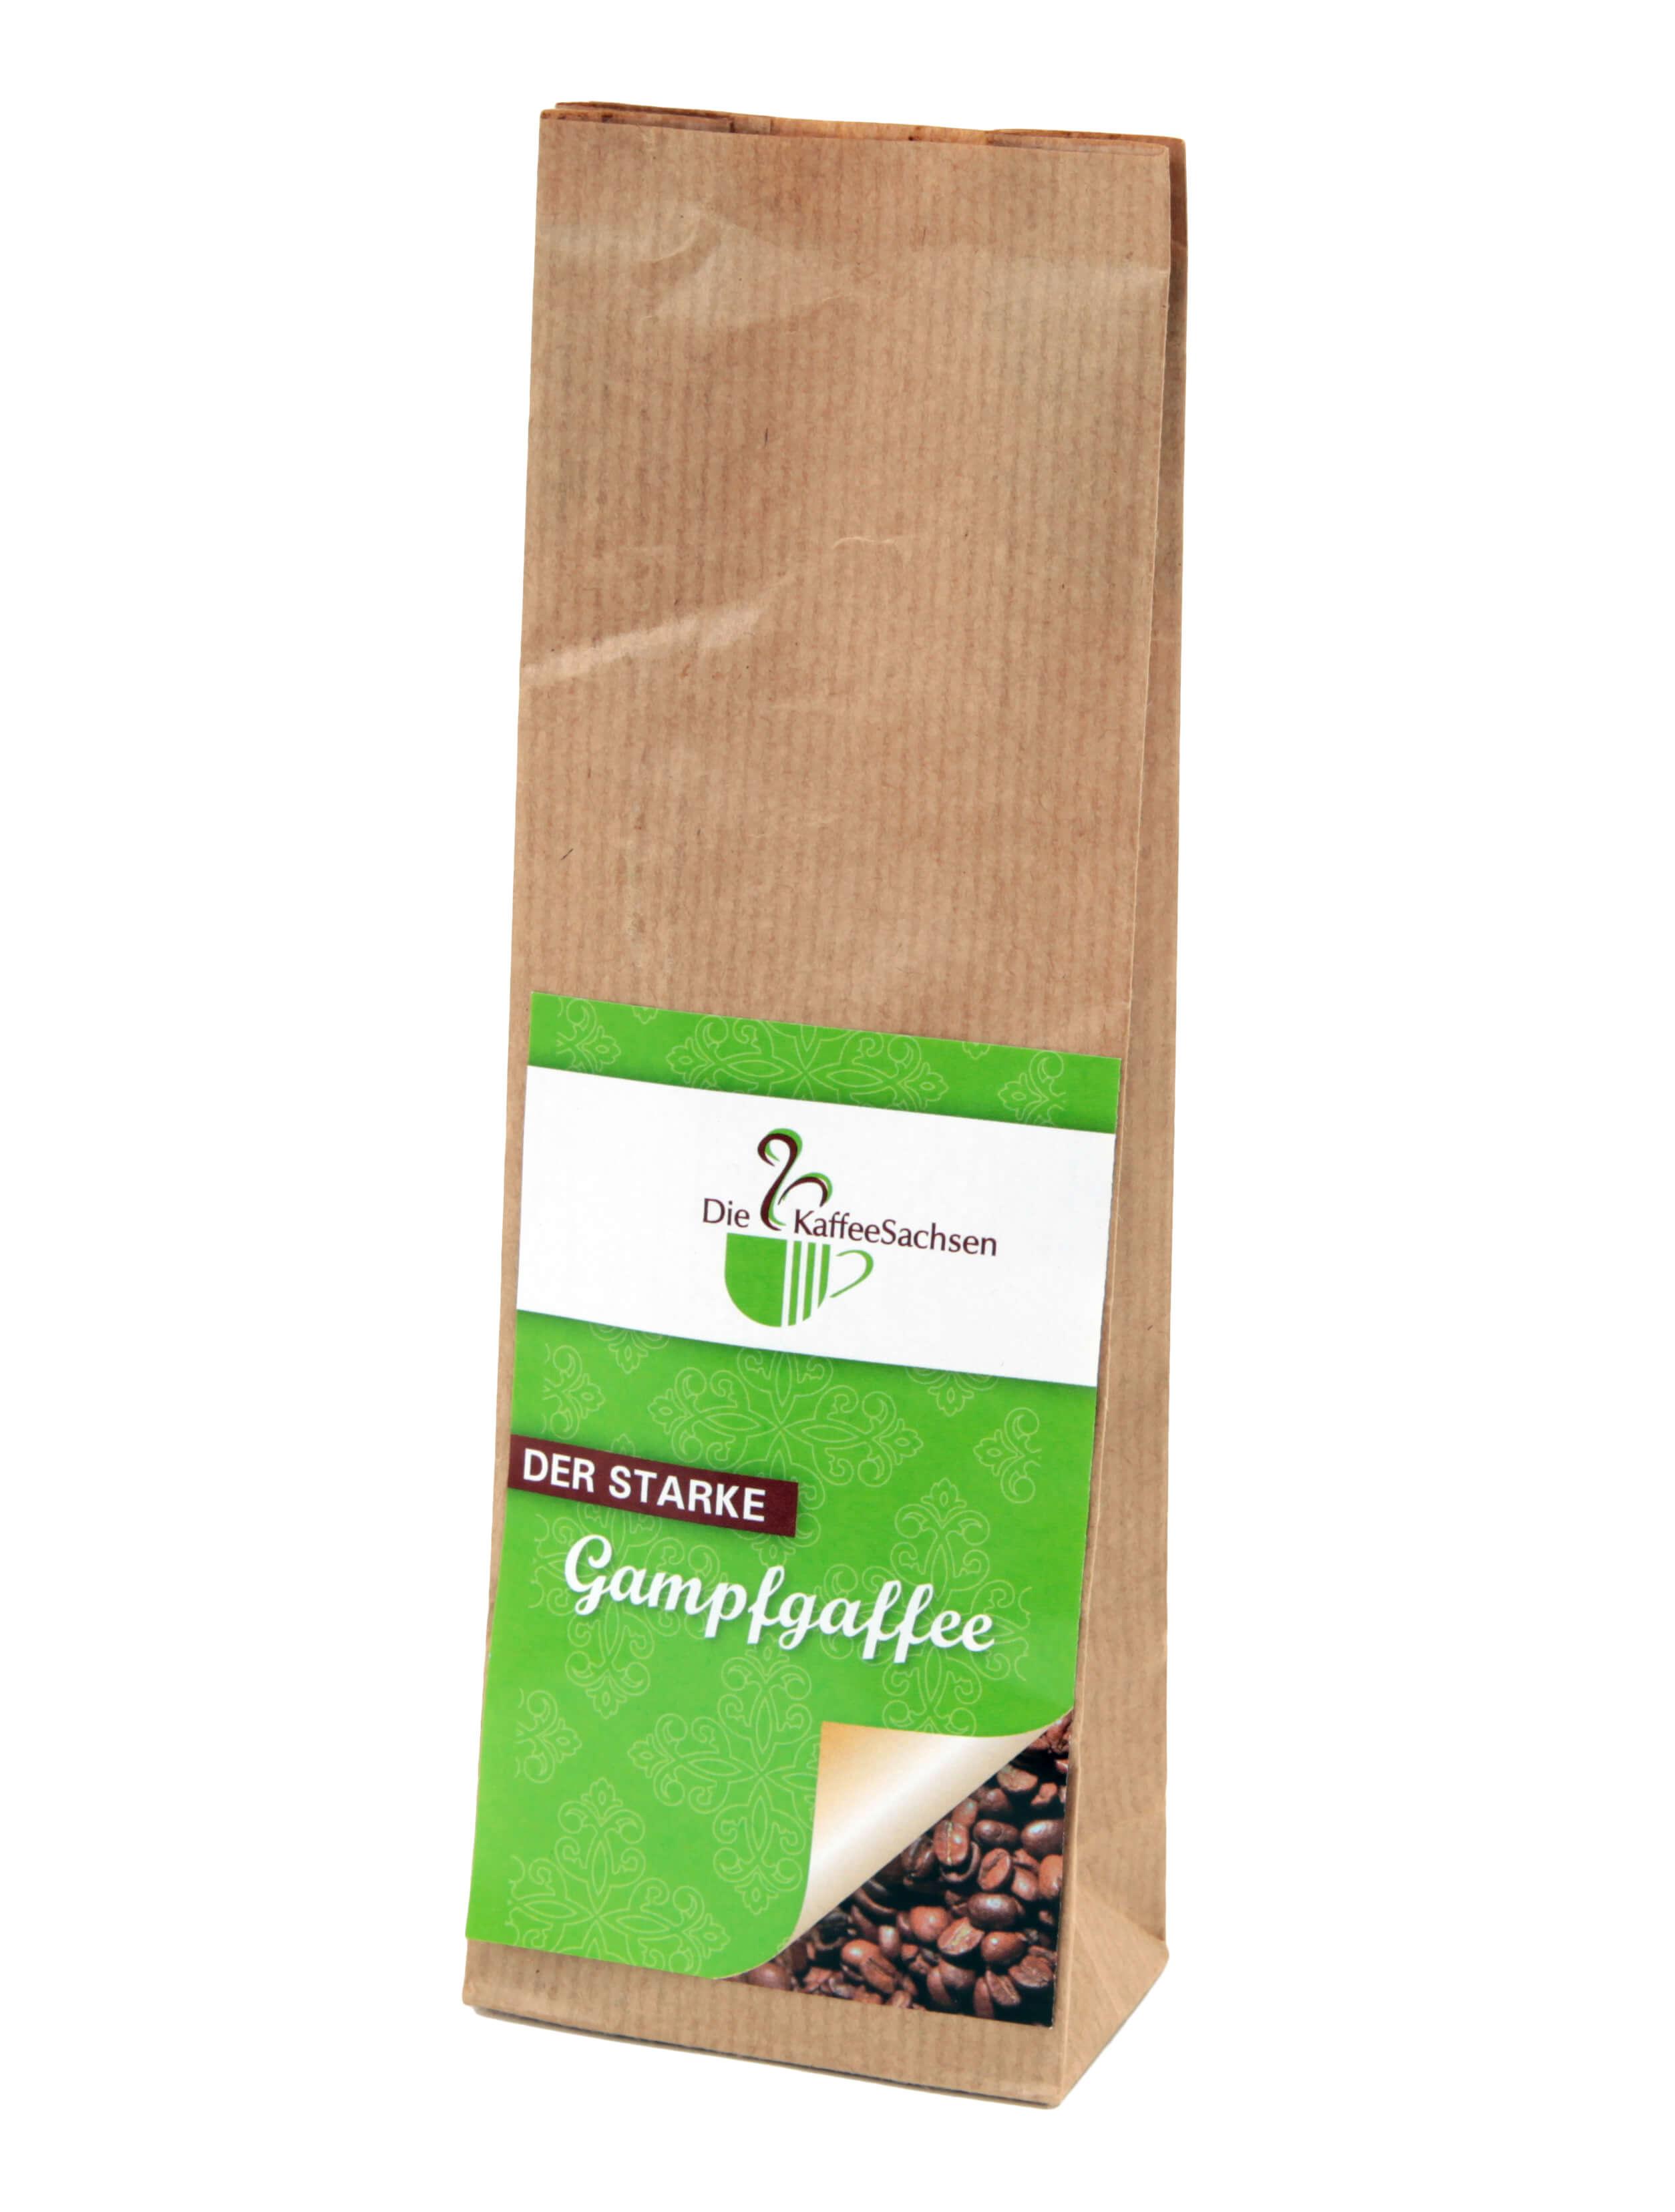 KaffeeSachsen Kaffe Bild bearbeitet